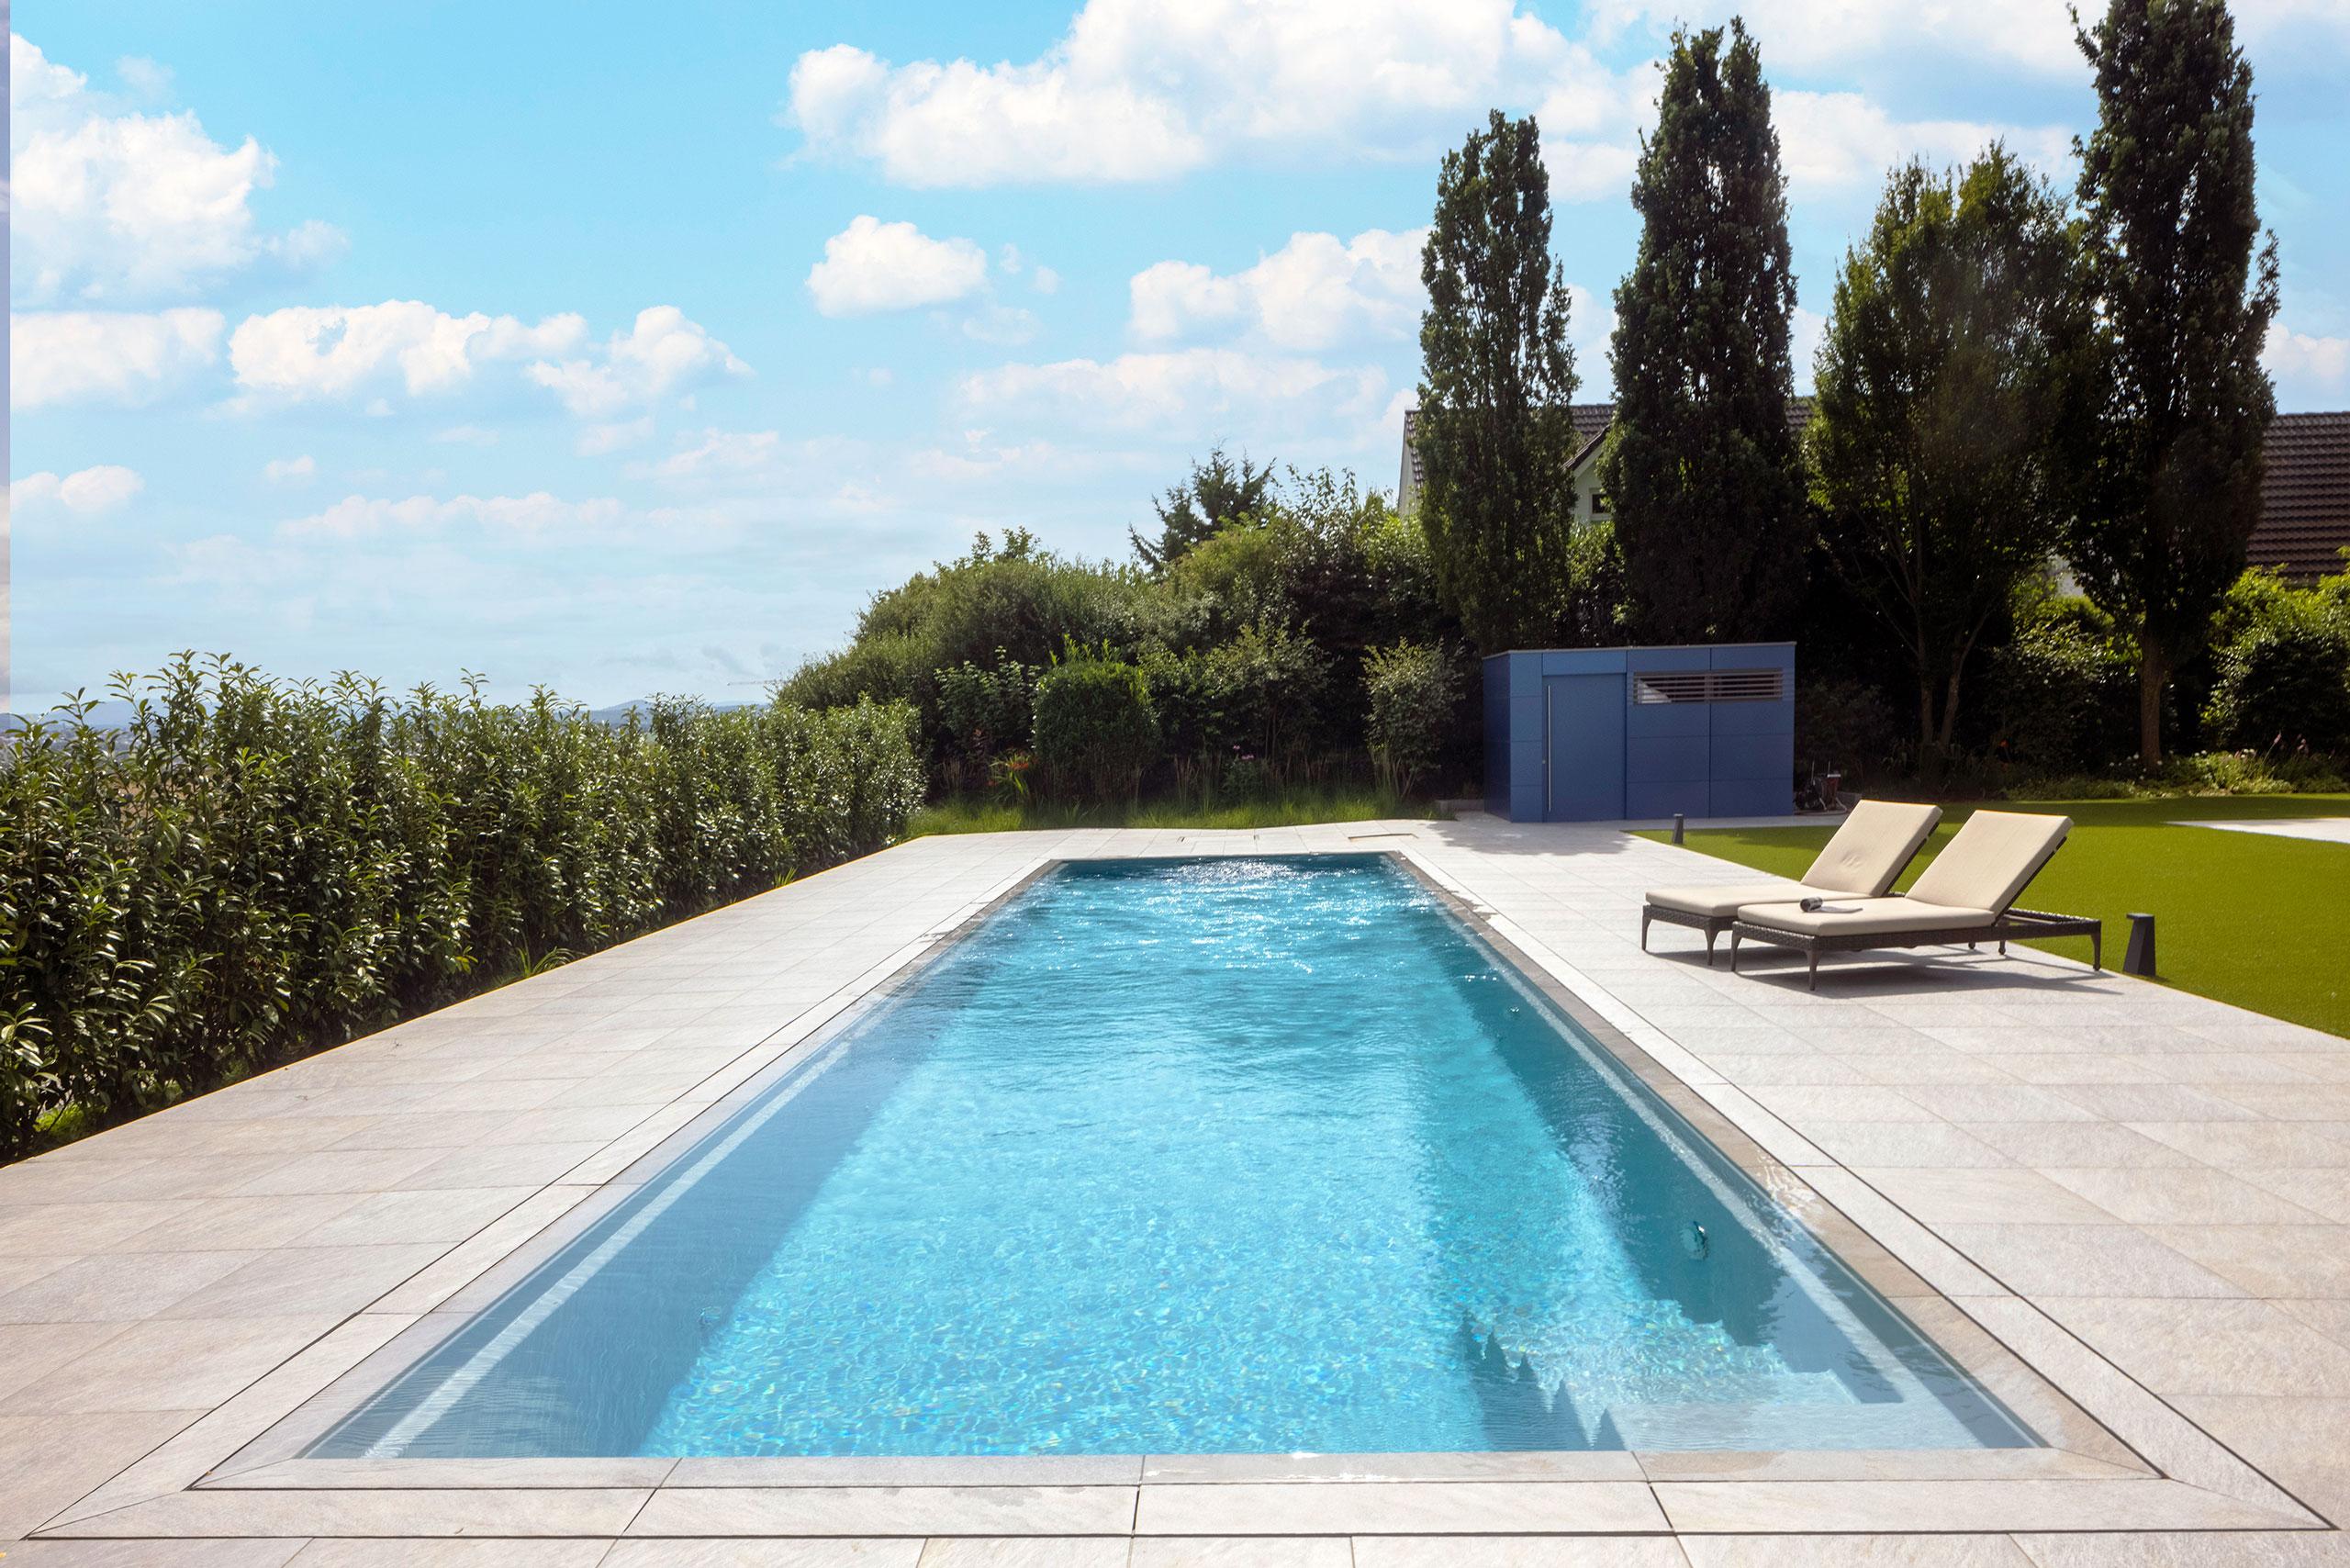 Referenz 61194 Niddatal | GarDomo | CUBE Design Poolhaus 0001